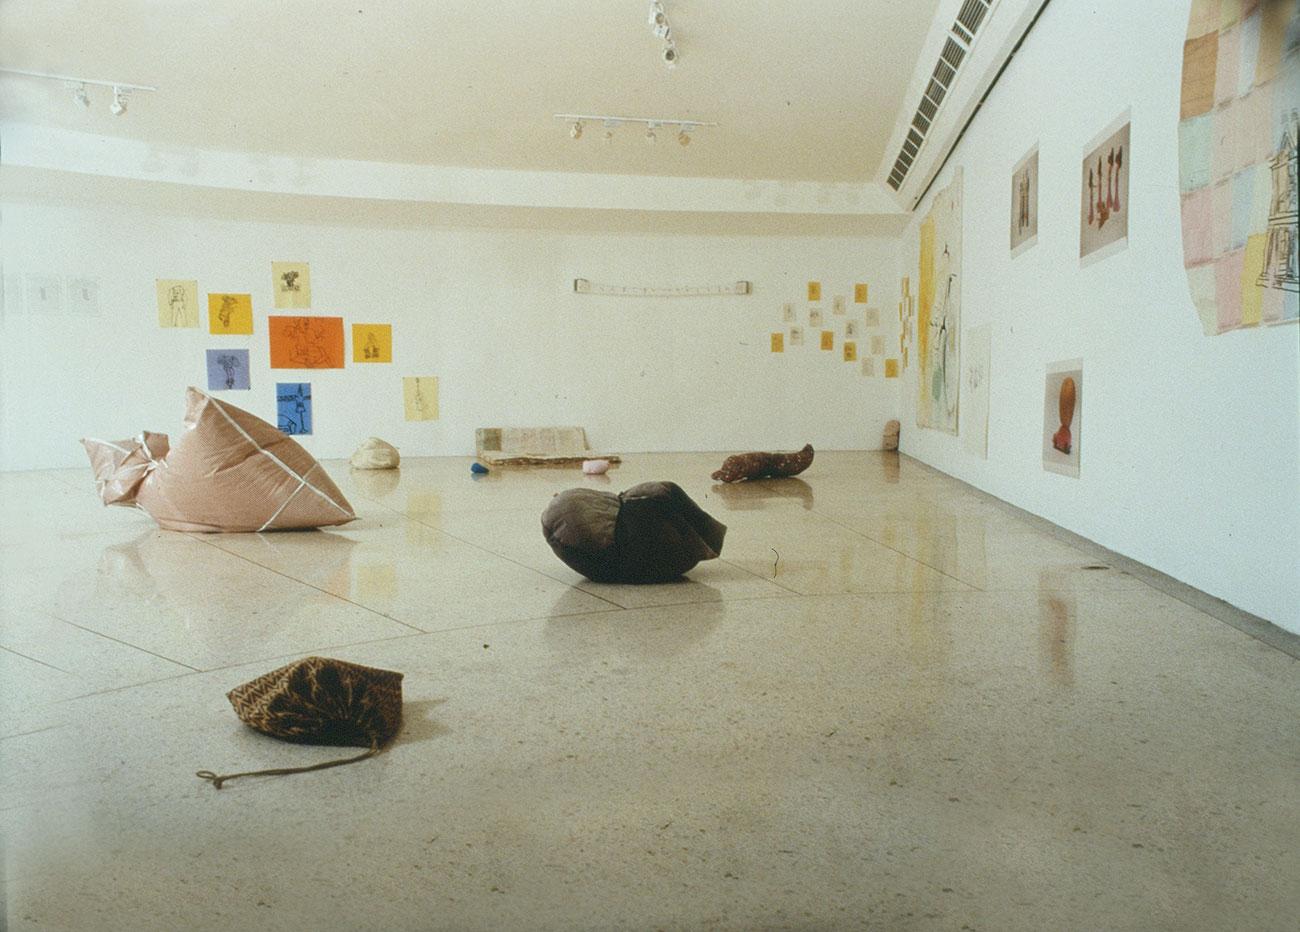 La Sra. Lumpuy o la Moral del Juguete, cur. Julieta González, Museo Alejandro Otero, Caracas, Venezuela